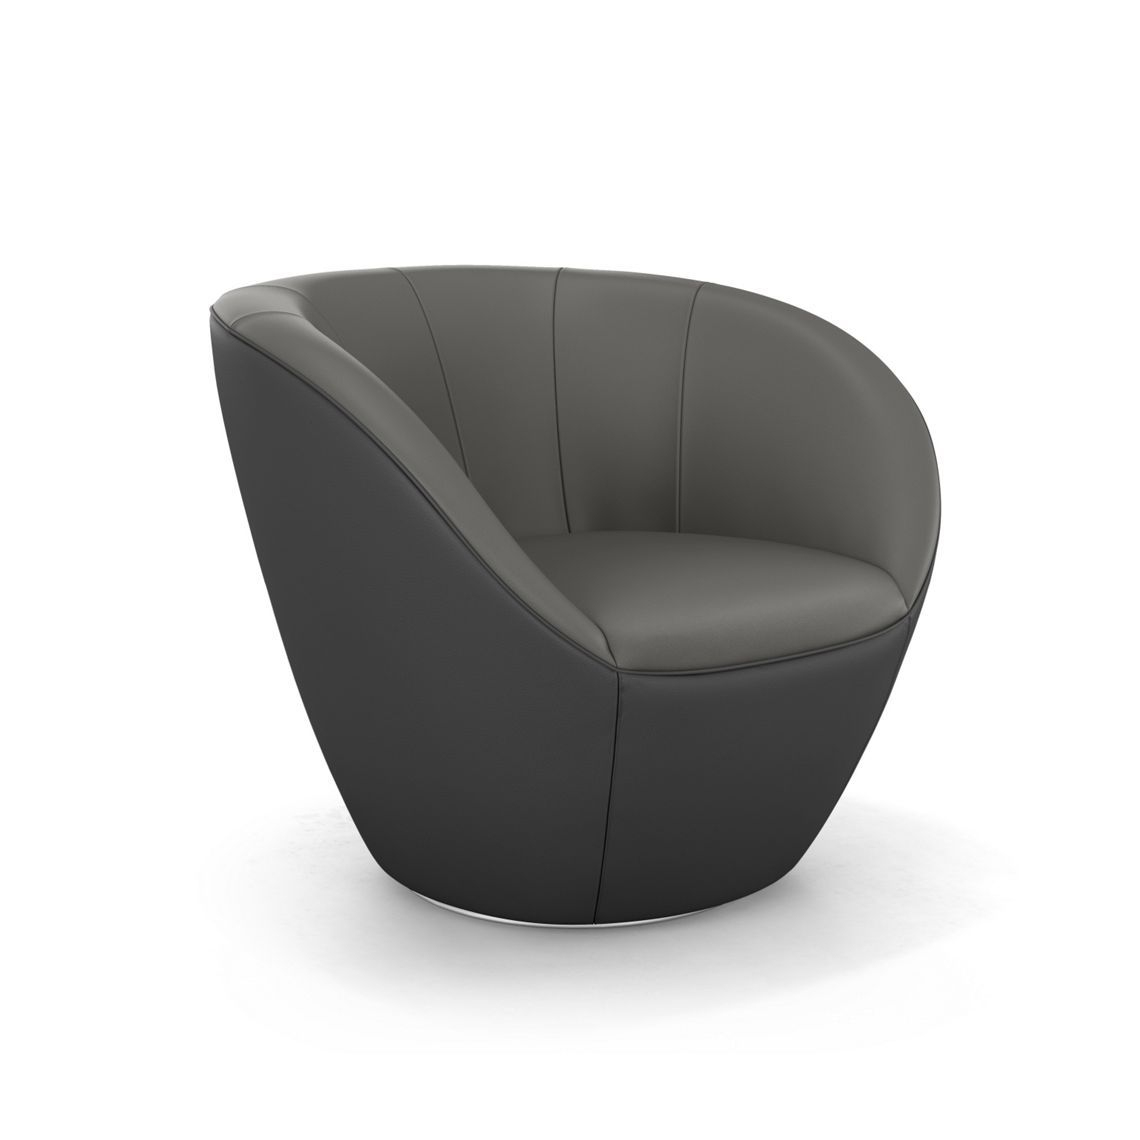 Edito Fauteuil - Roche Bobois   Furniture Design ... intérieur Fauteuil Relax Design Roche Bobois